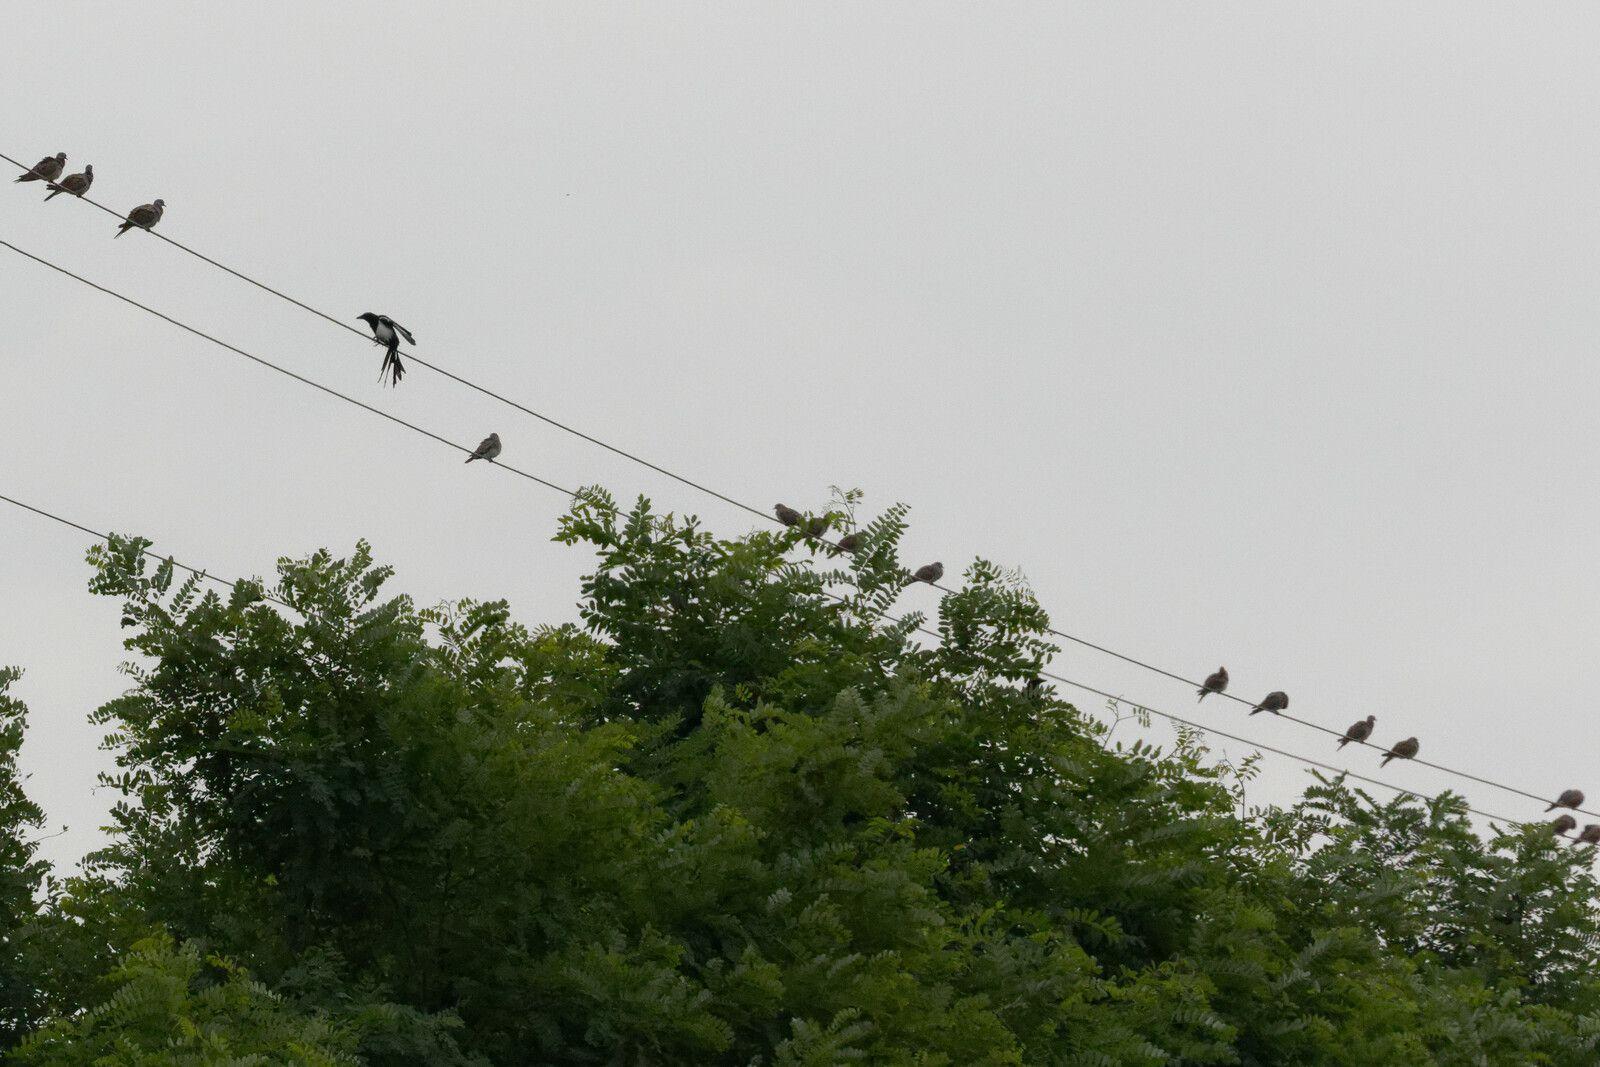 580 - Petites scènes aviaires en Campagne, Tourterelles, Verderolles... : 05/08/2021